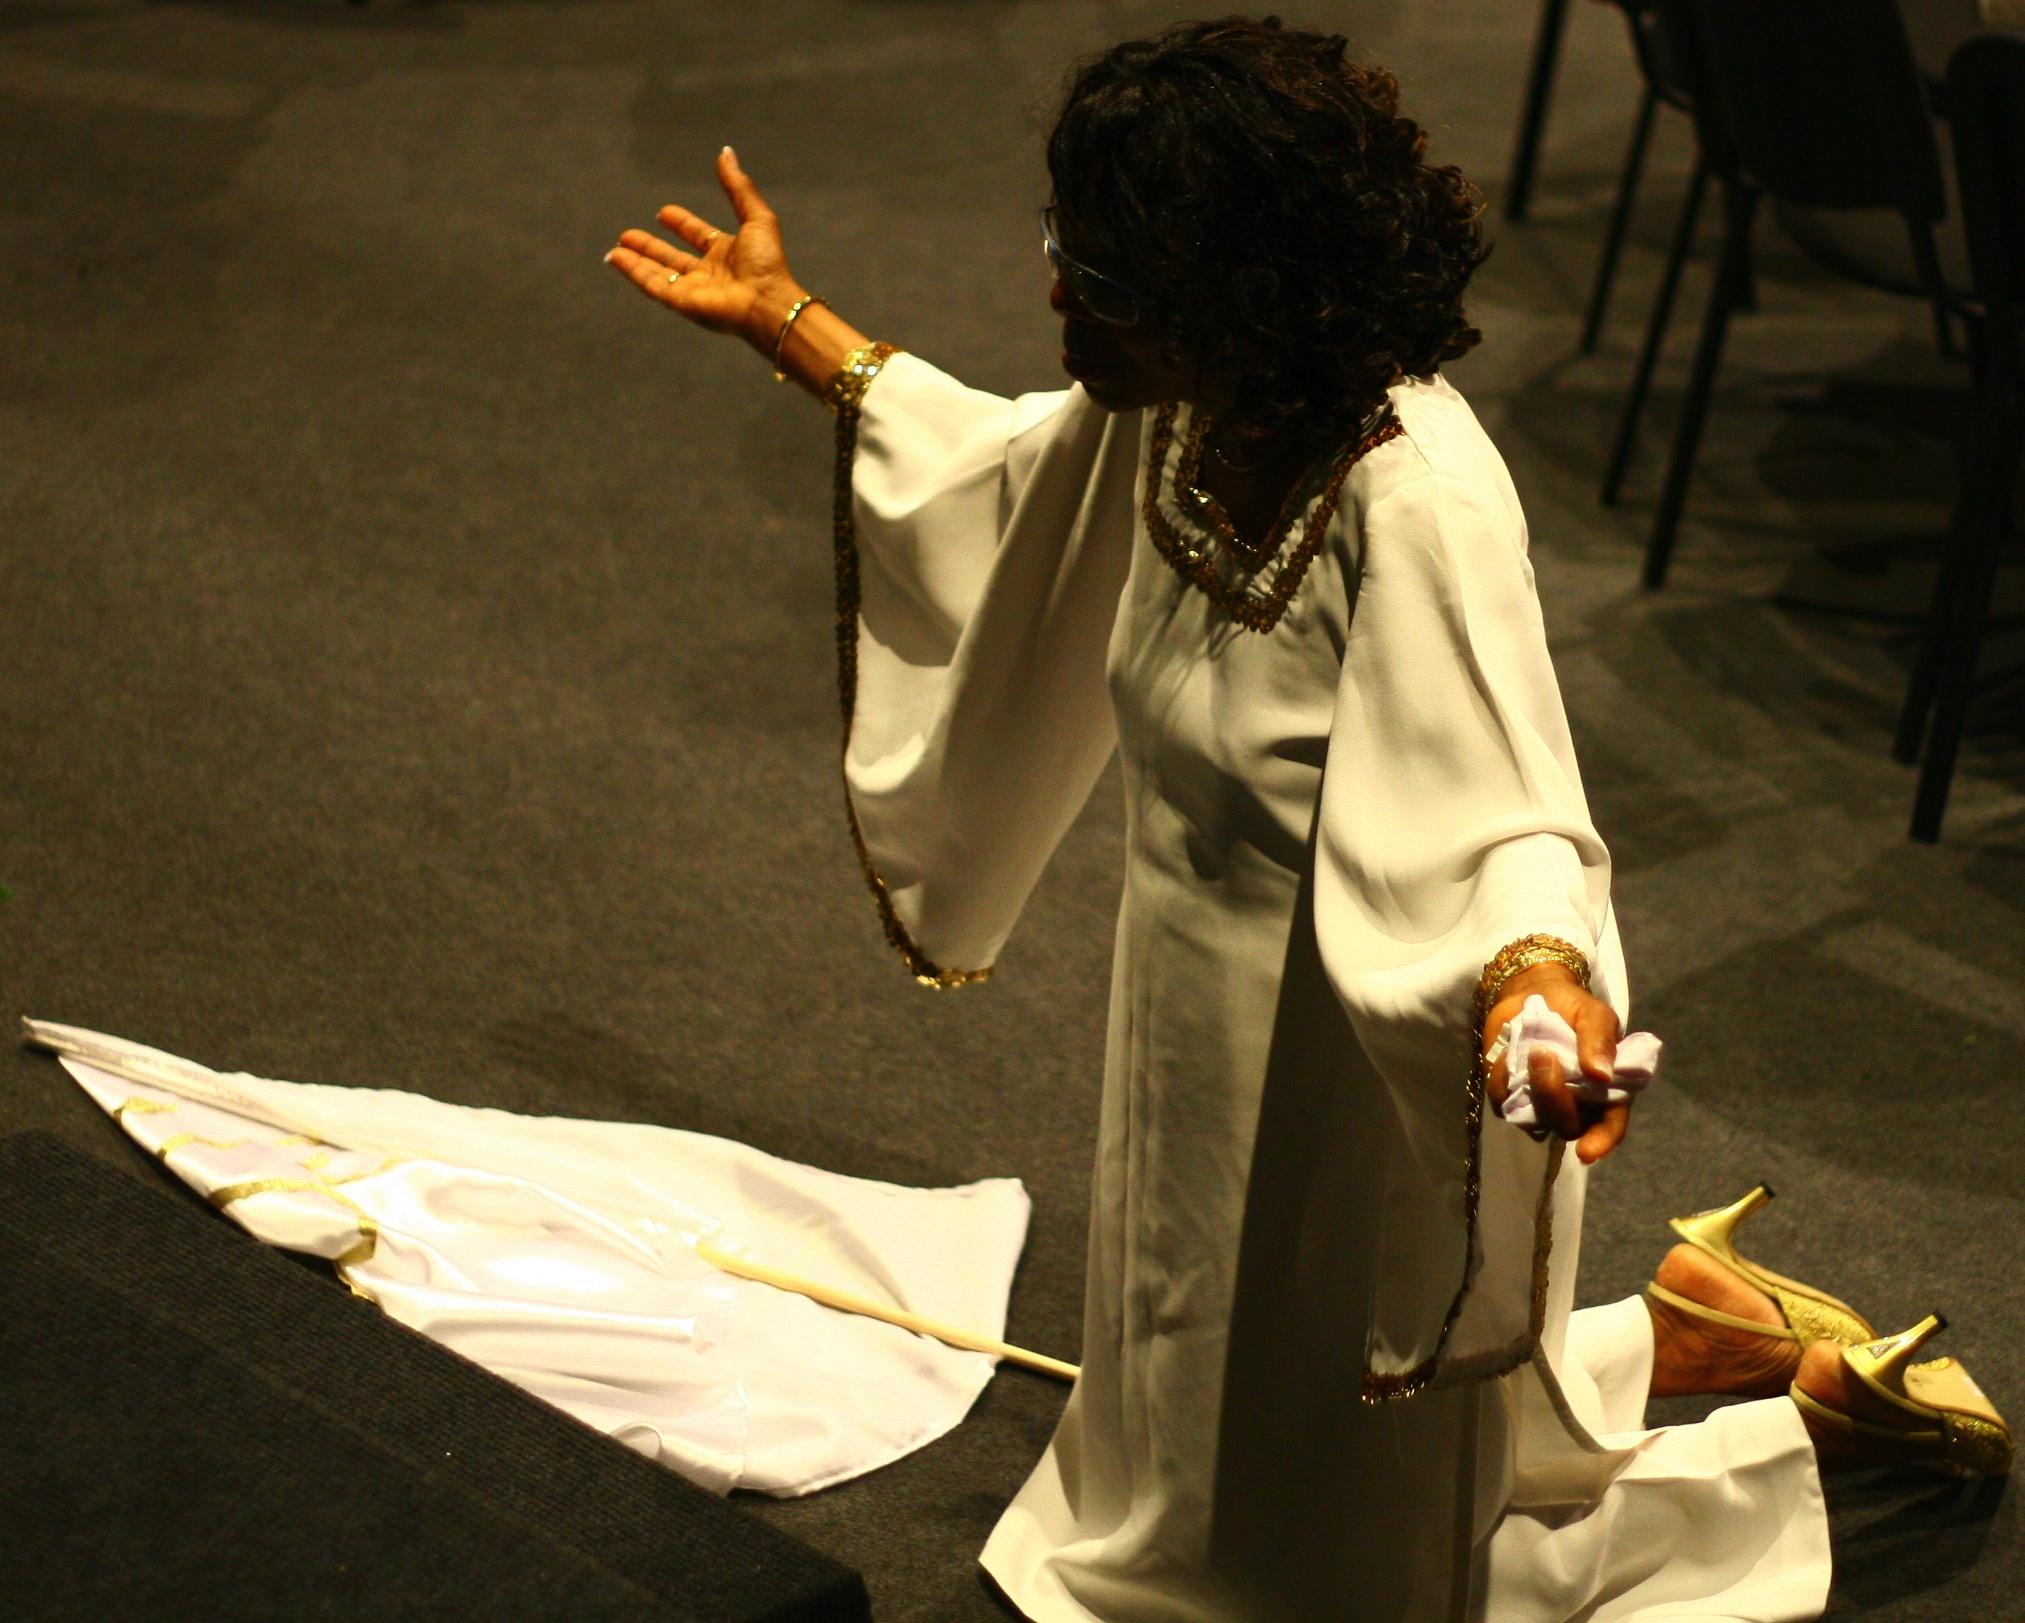 Ngozi Okike in Worship Mode